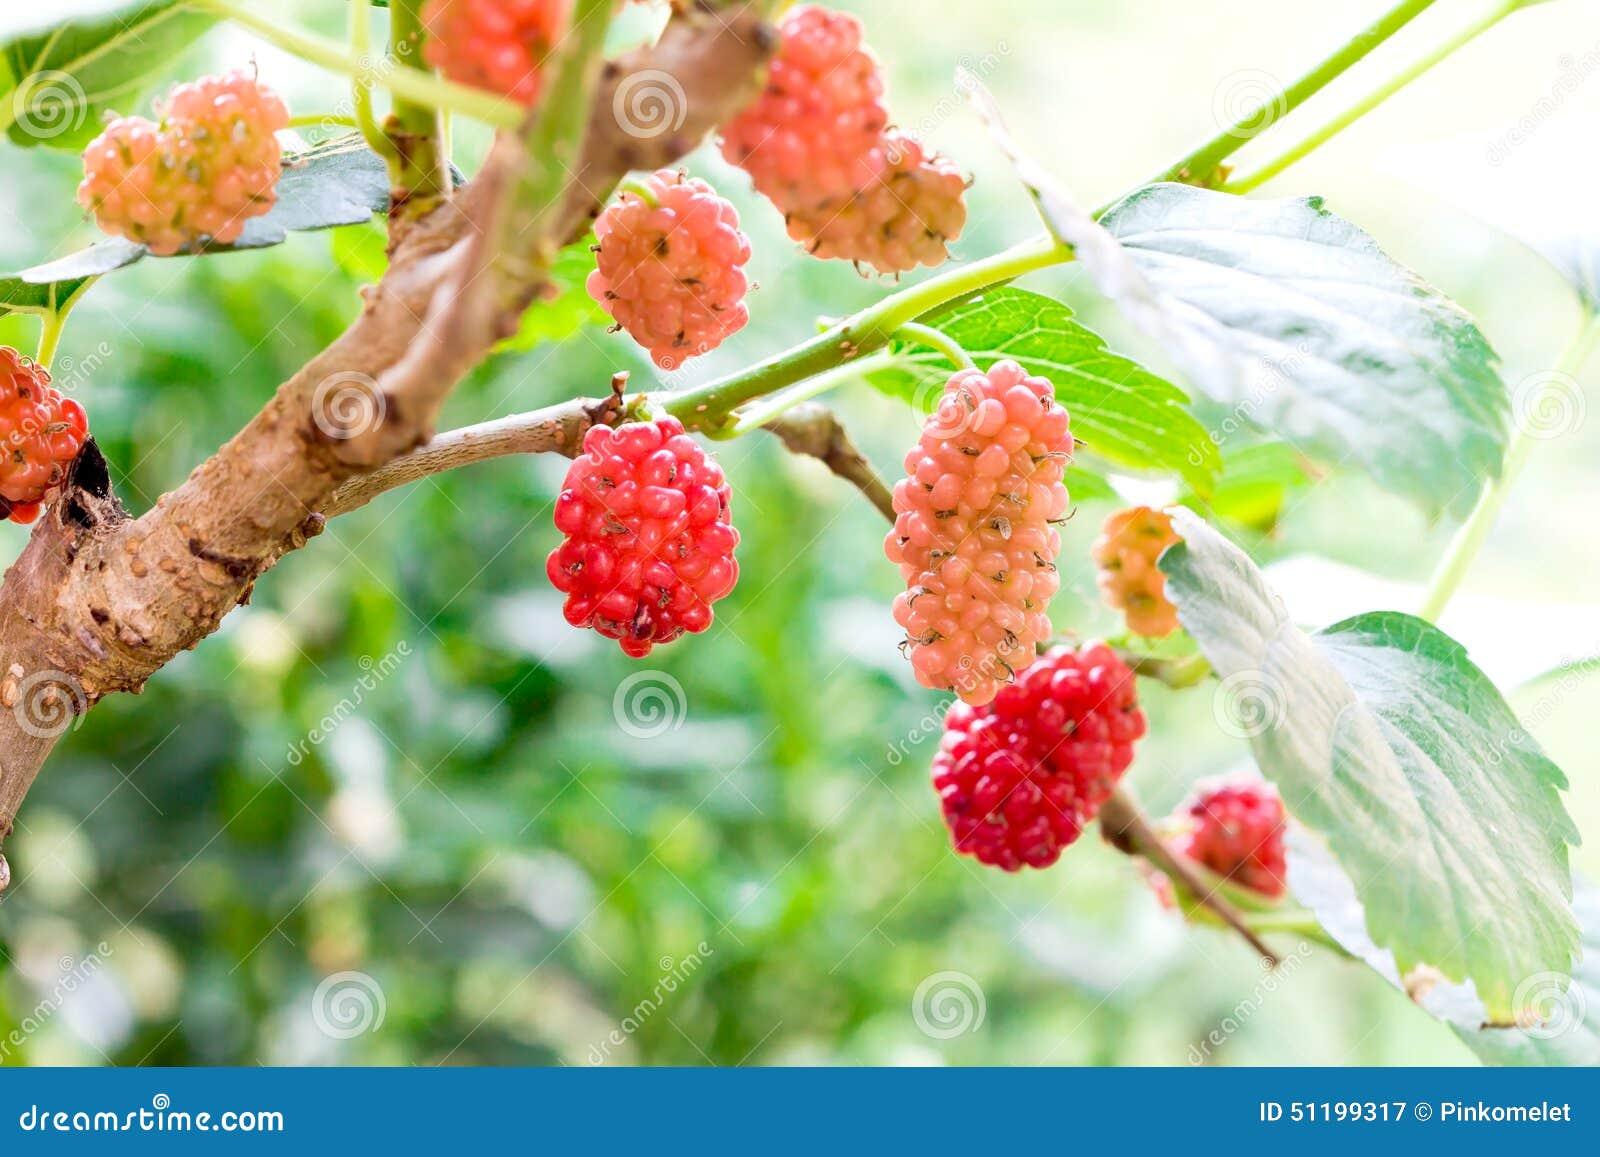 Jeune fruit de m re rouge sur l 39 arbre image stock image du d0 agriculture 51199317 - Arbre feuille rouge fruit rouge ...